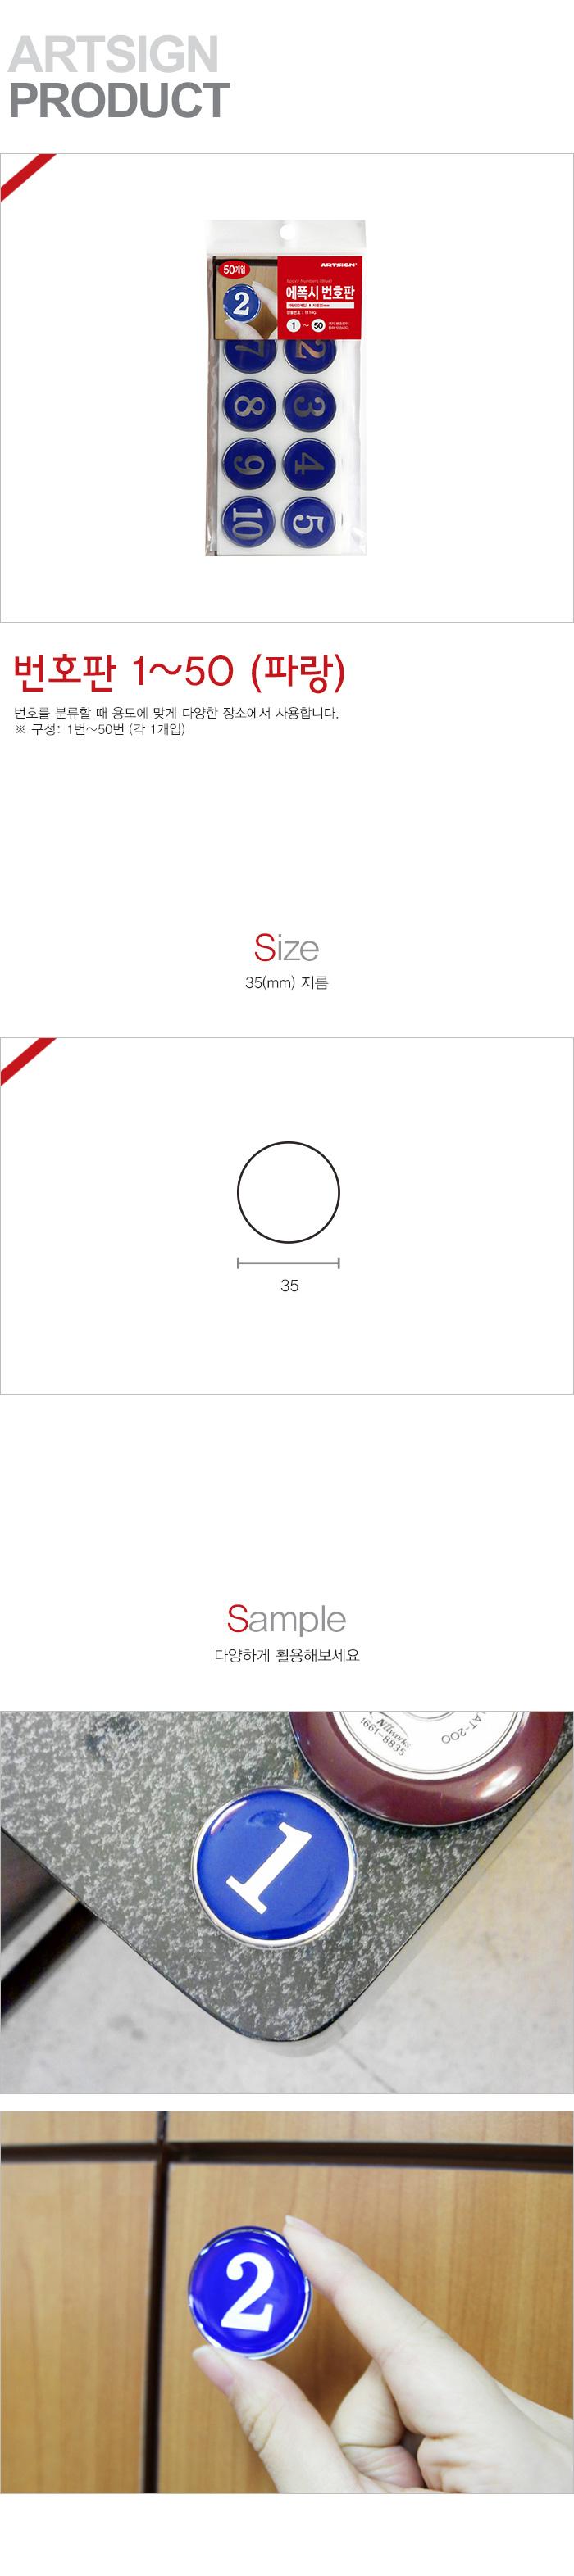 번호판(1~50/색상) - 아트사인, 15,200원, 스티커, 문자/숫자 스티커